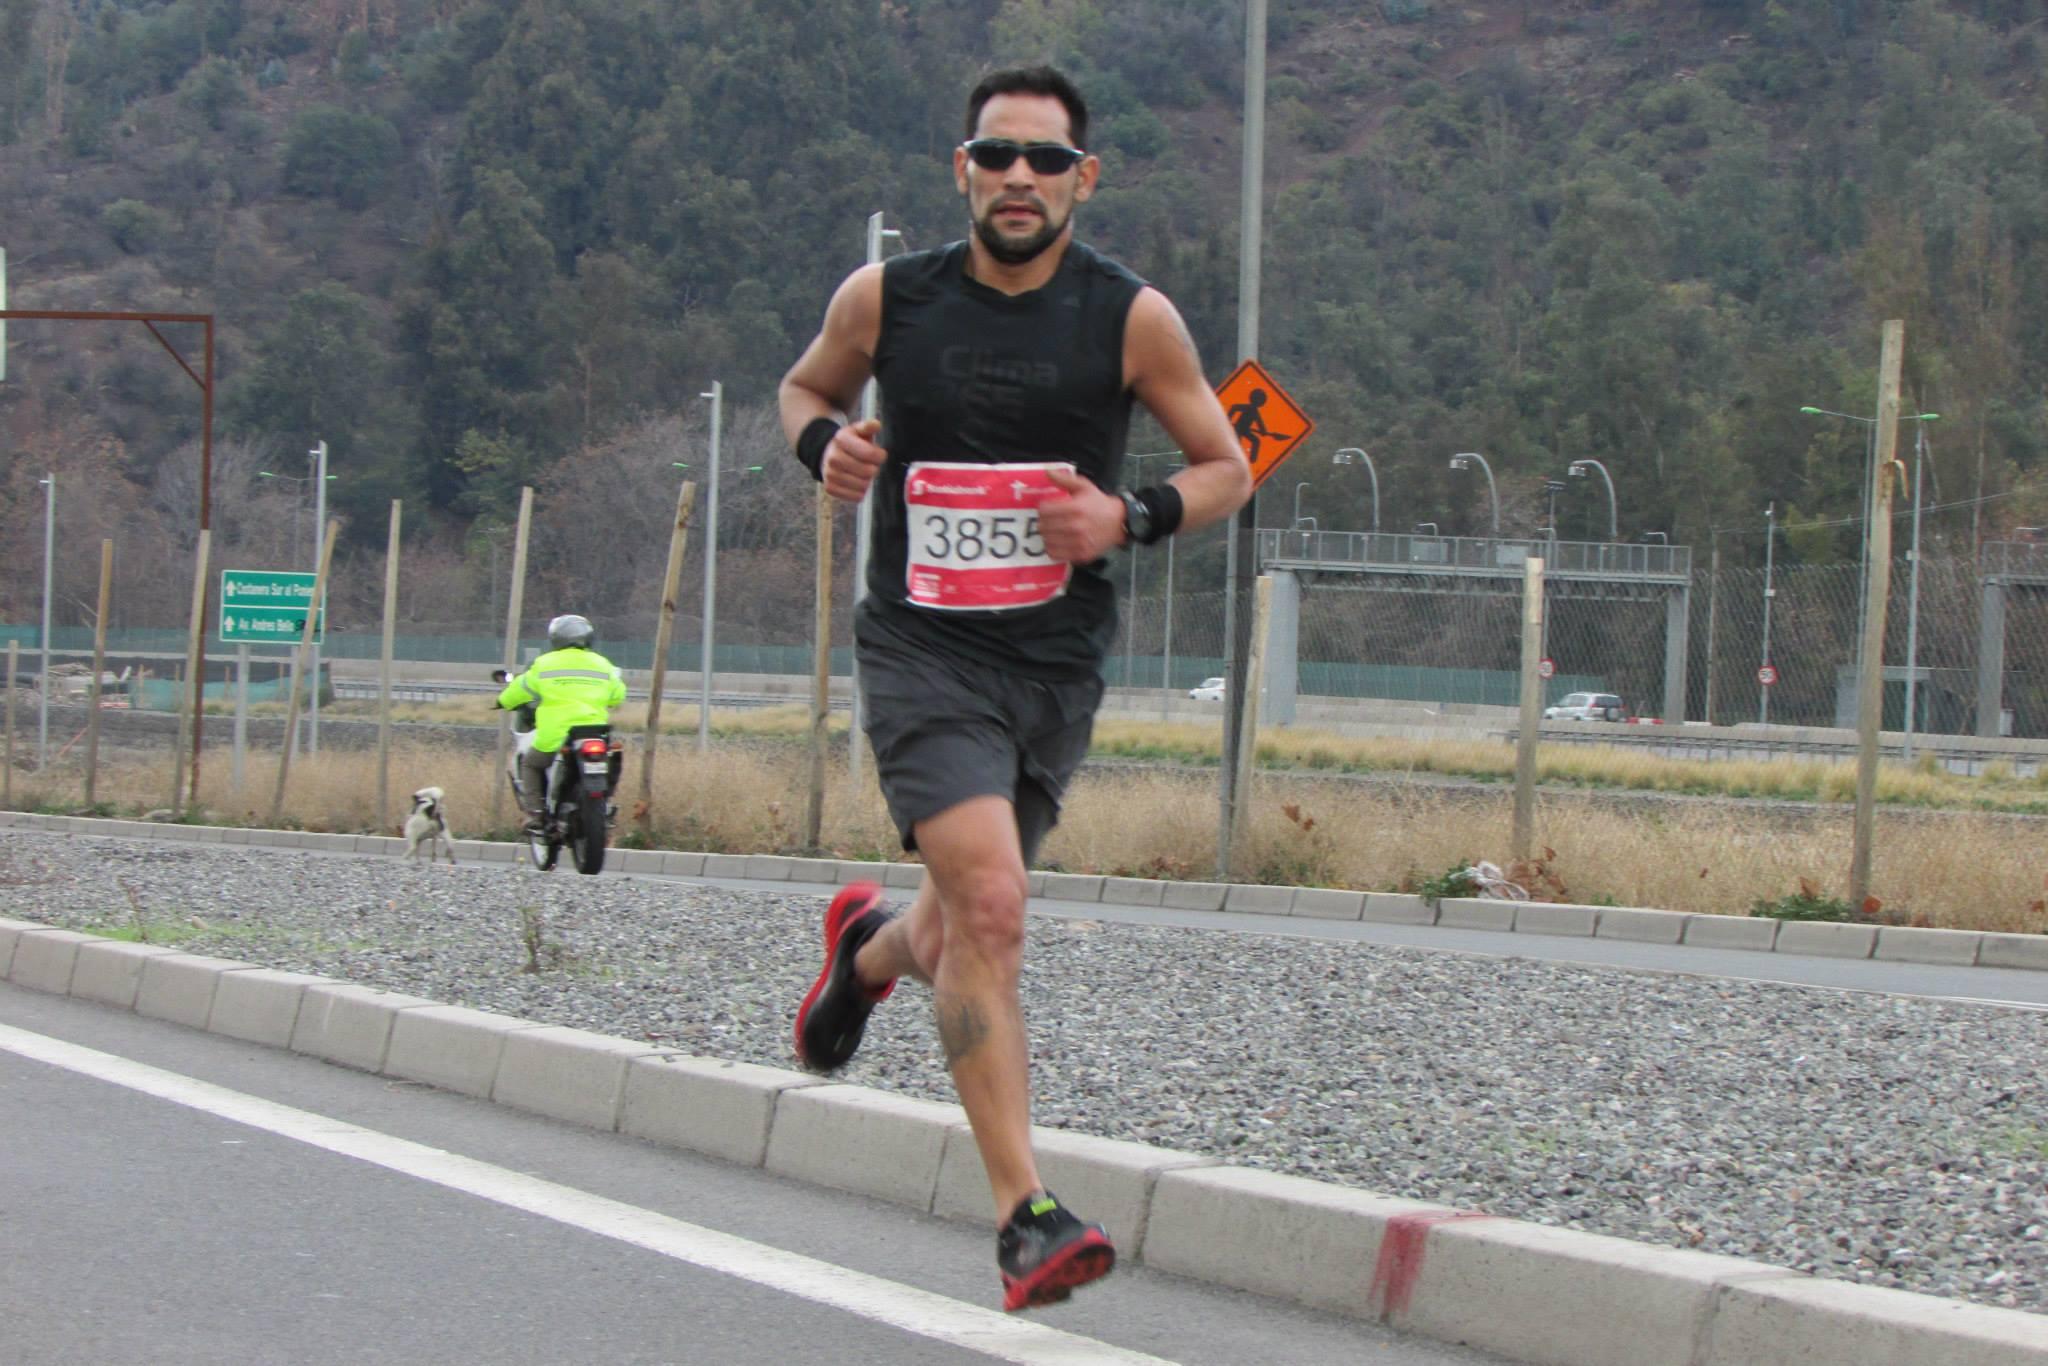 SIMPLY RUN: LAS SESIONES DE RUNNING DE 10 MINUTOS